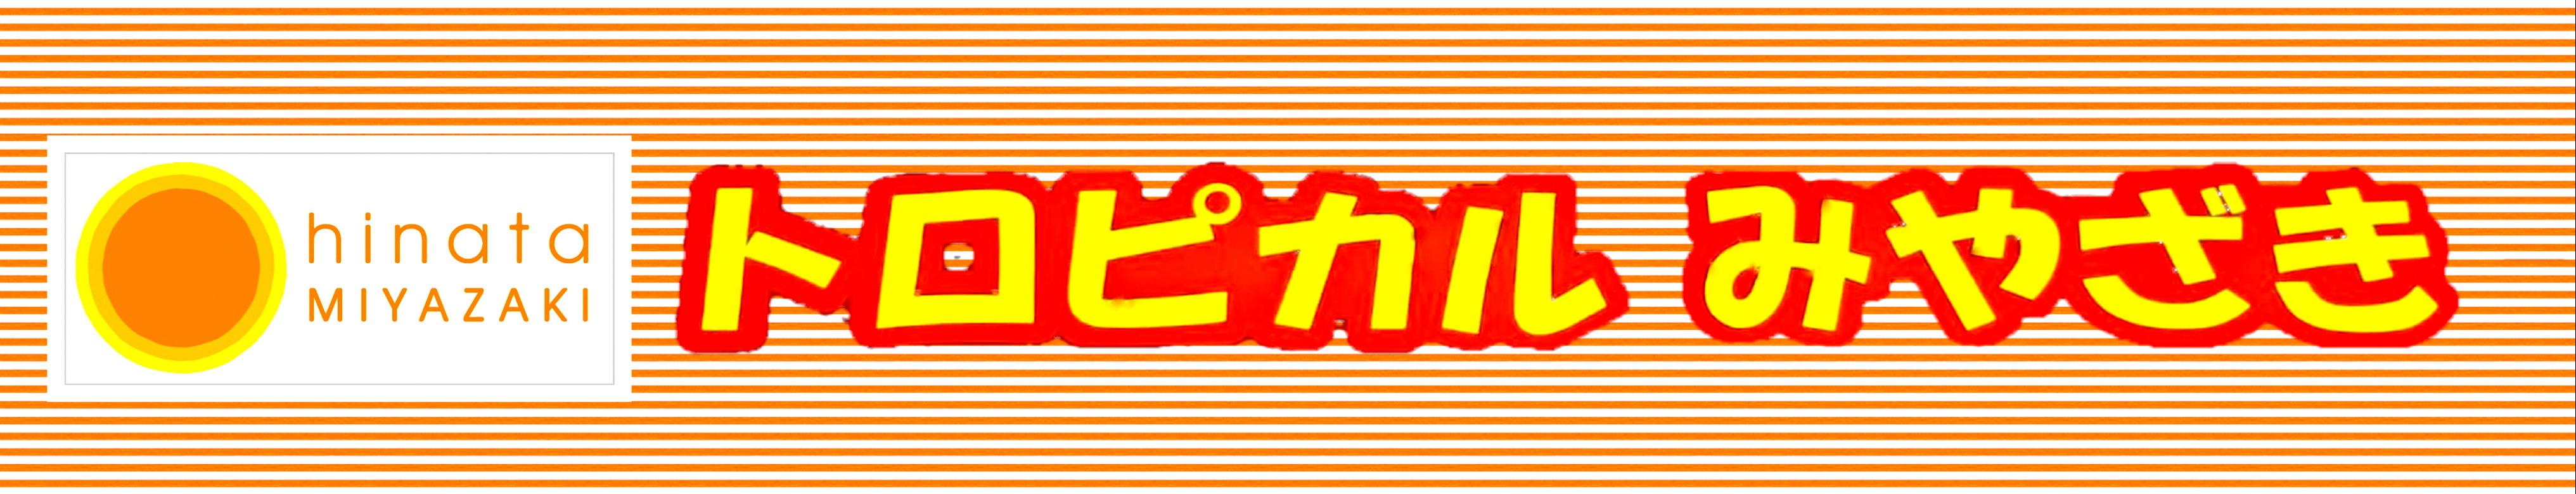 トロピカルみやざき  宮崎に行ったっちゃが〜 −宮崎のお土産探索−